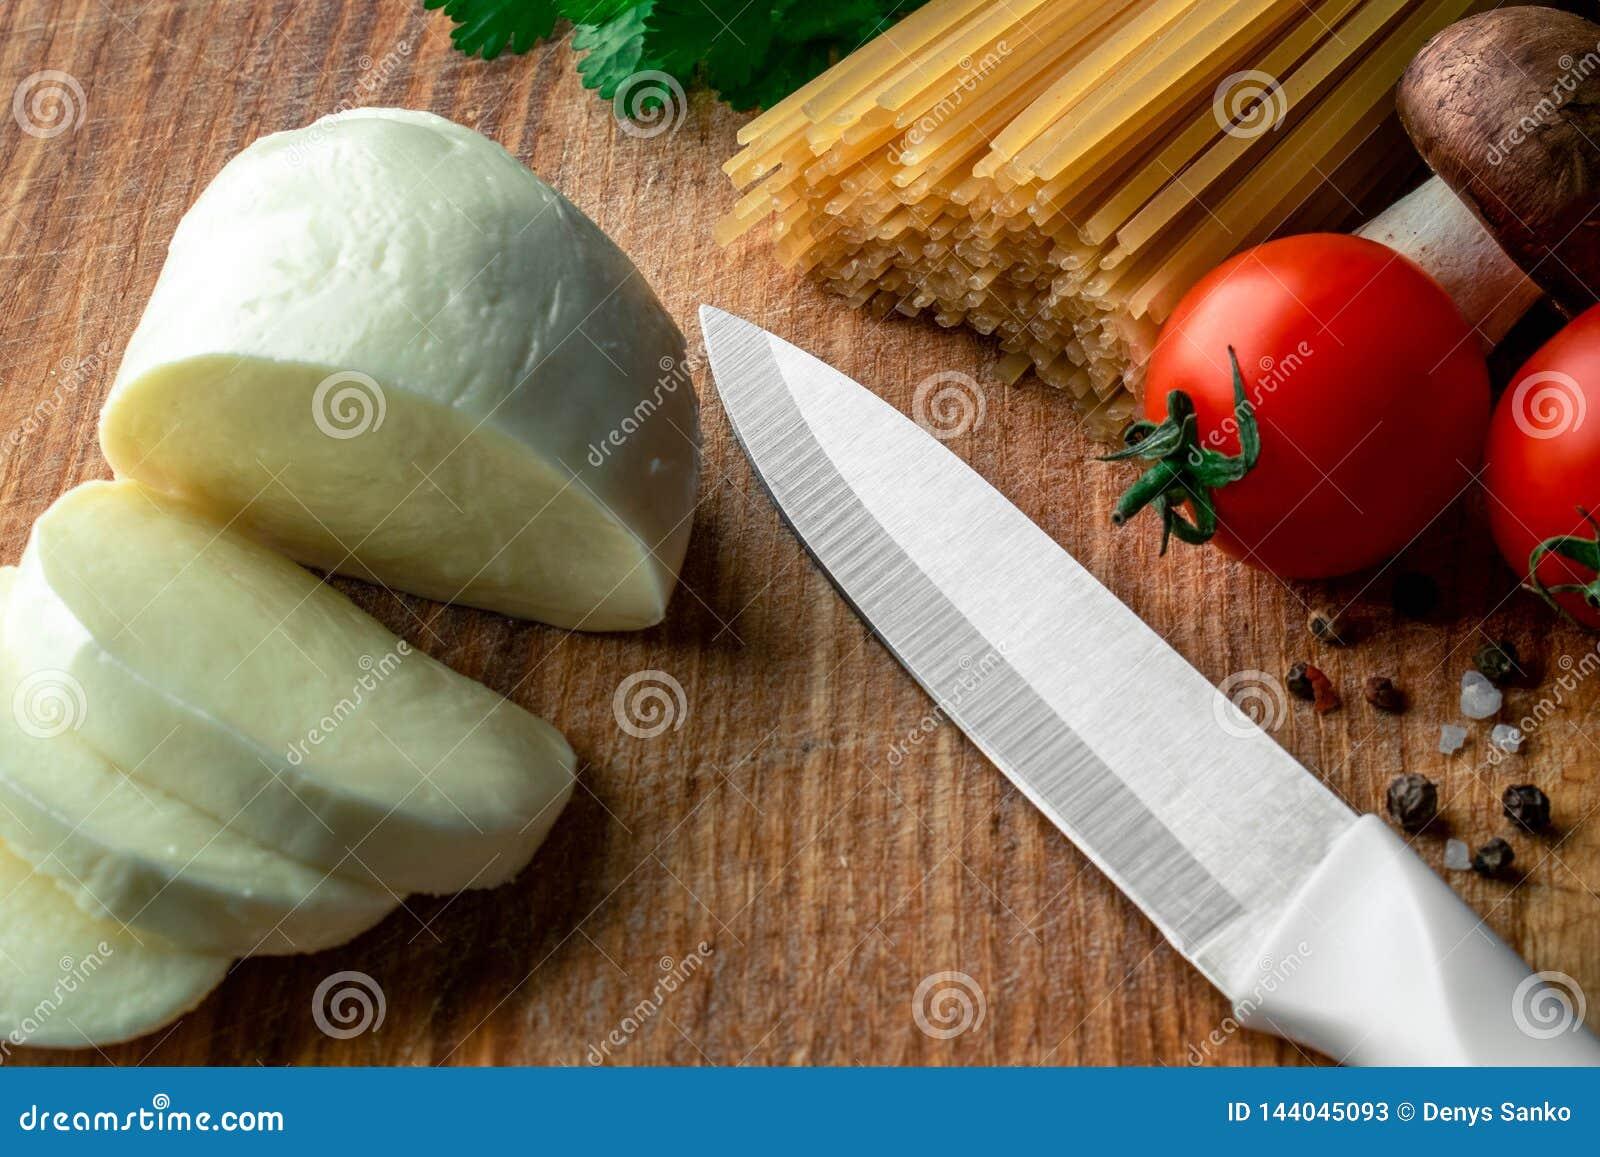 Rohe Spaghettis auf einem hölzernen Brett mit geschnittenem Mozzarella, Frischgemüse, Gewürzen und Pilzen